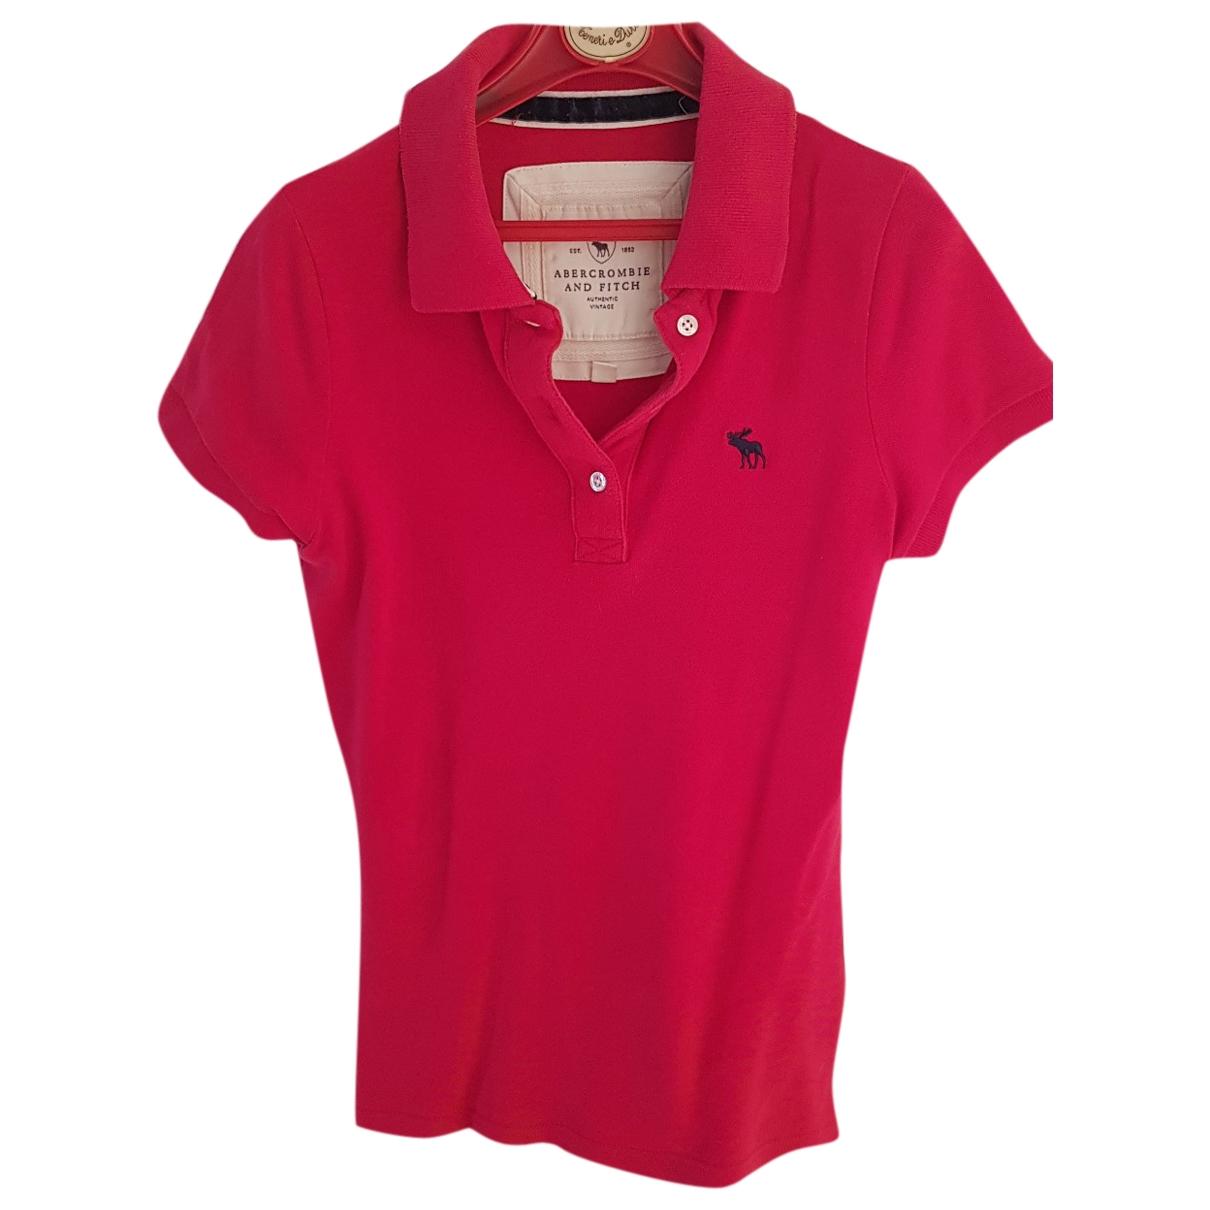 Abercrombie & Fitch - Top   pour femme en coton - rouge